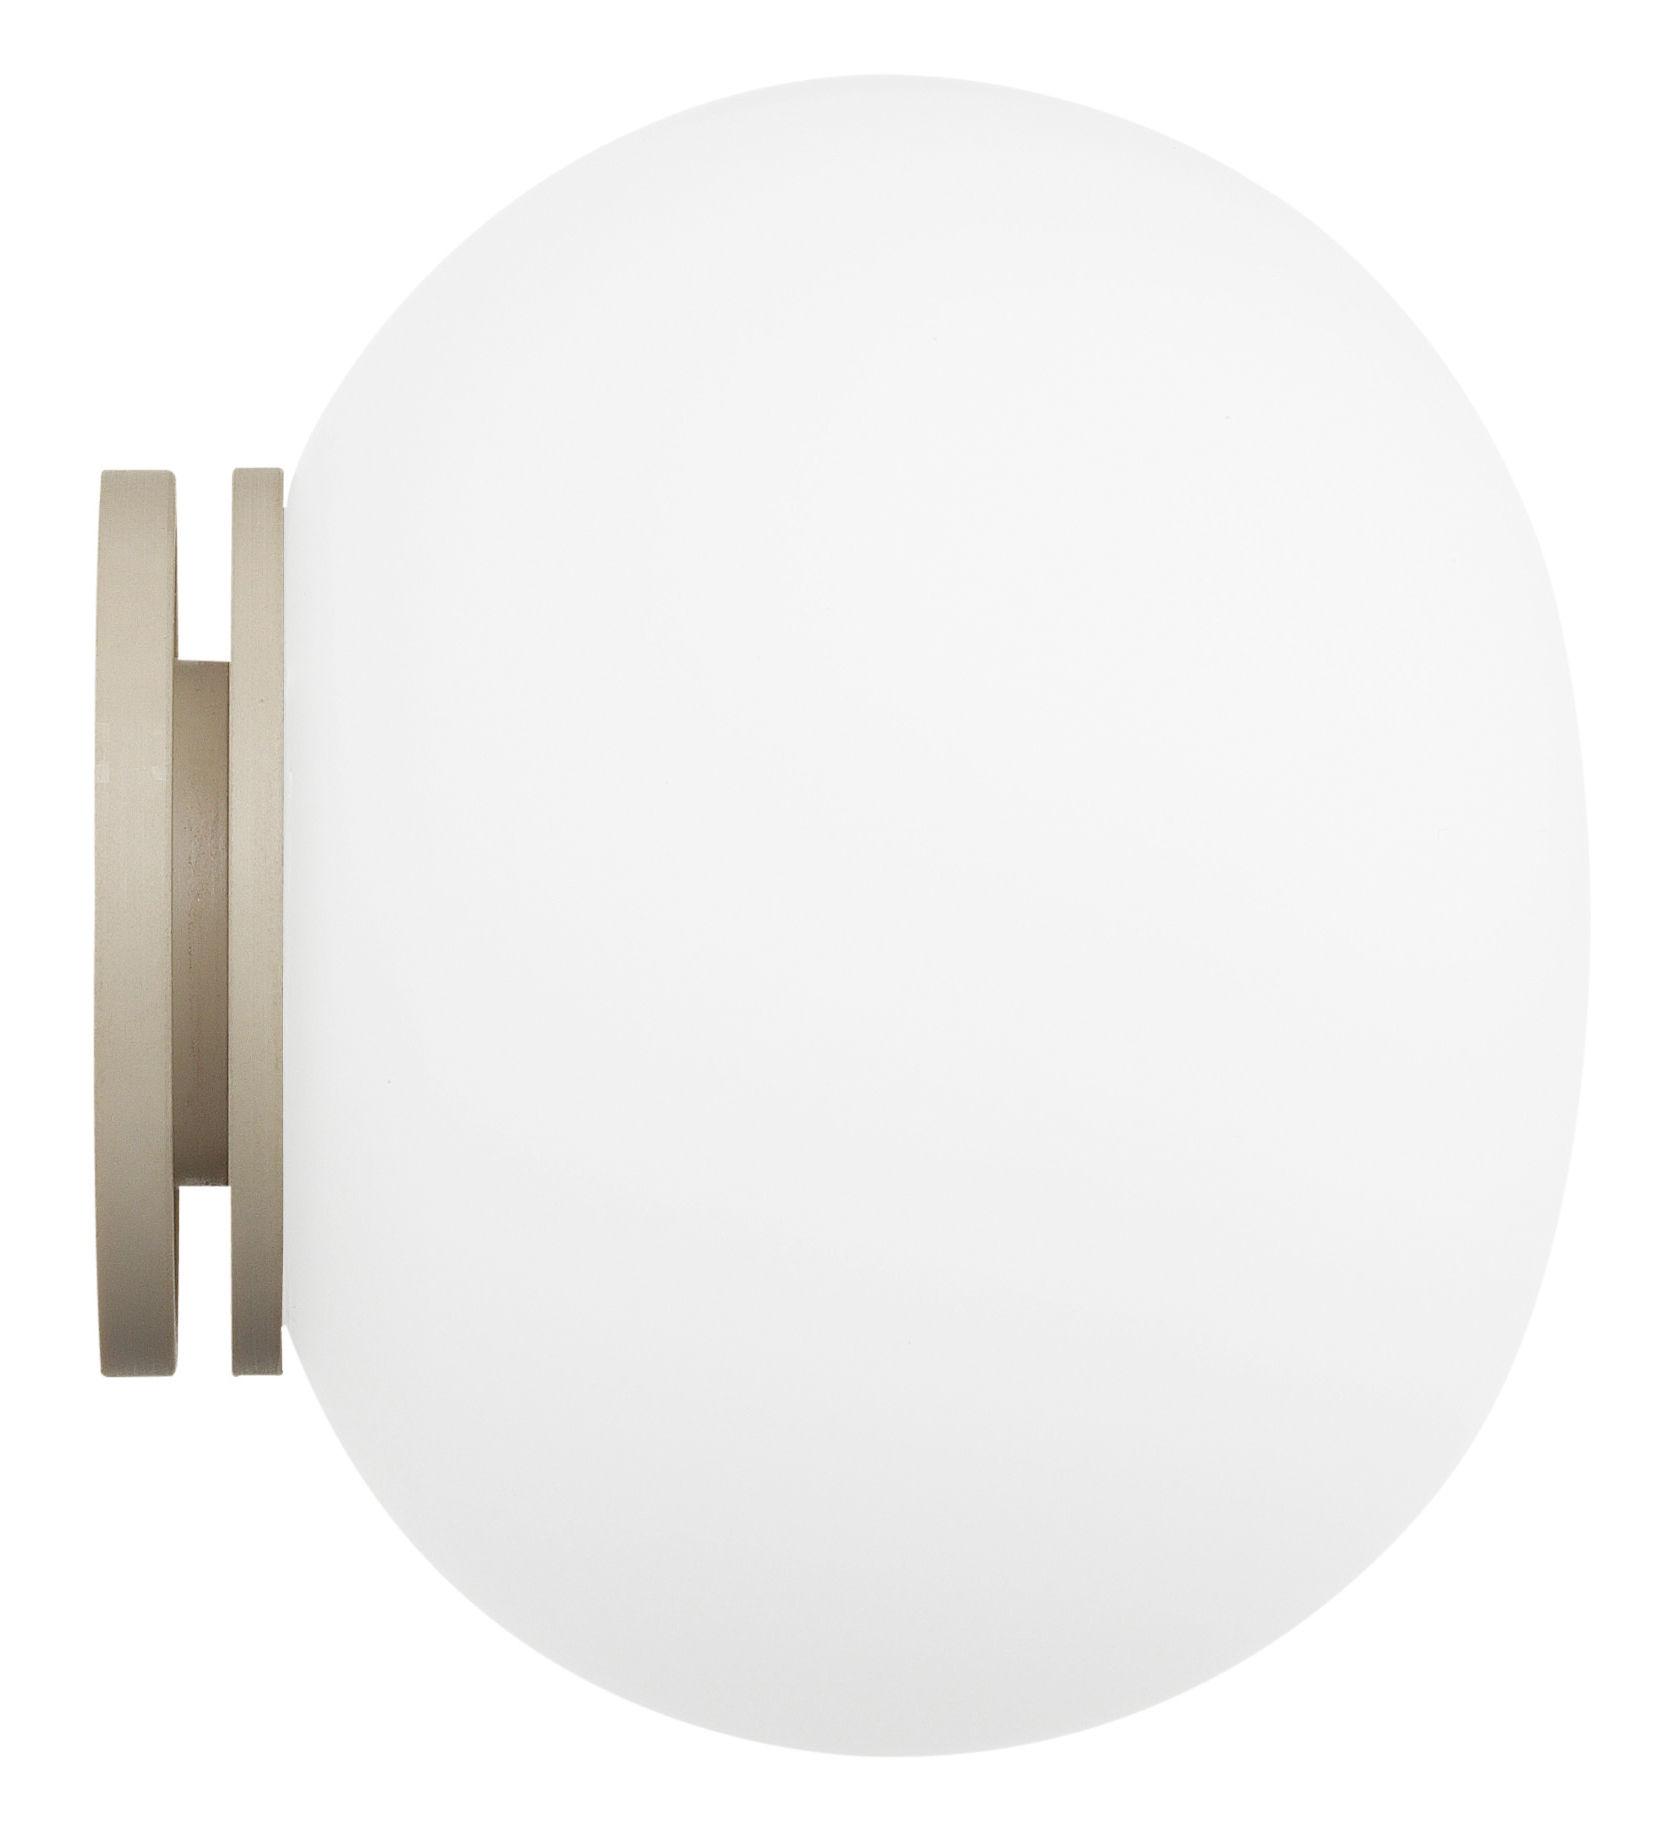 Luminaire - Appliques - Applique Mini Glo-Ball / Plafonnier - Ø 11 cm - Flos - Ø 11 cm - Verre